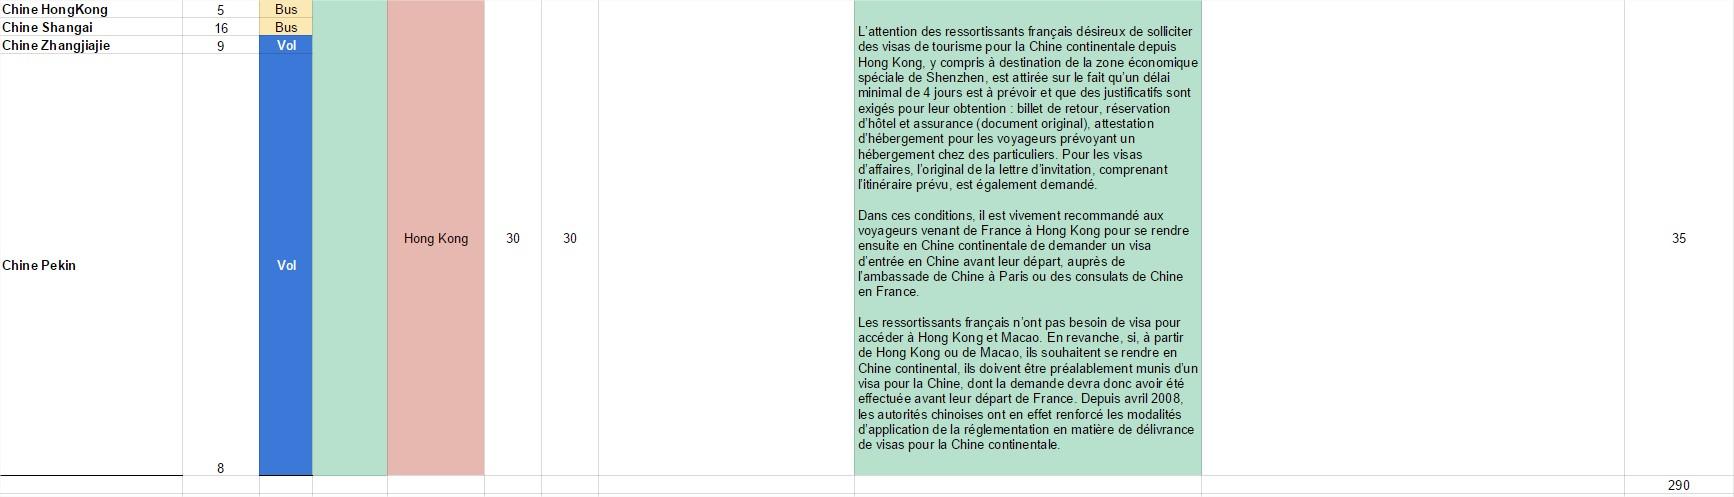 Outil-de-simulation-Budget-Climat-Jai-une-ouverture-Version-Enrichie.xlsx.xlsx - Google Sheets - Google Chrome_15